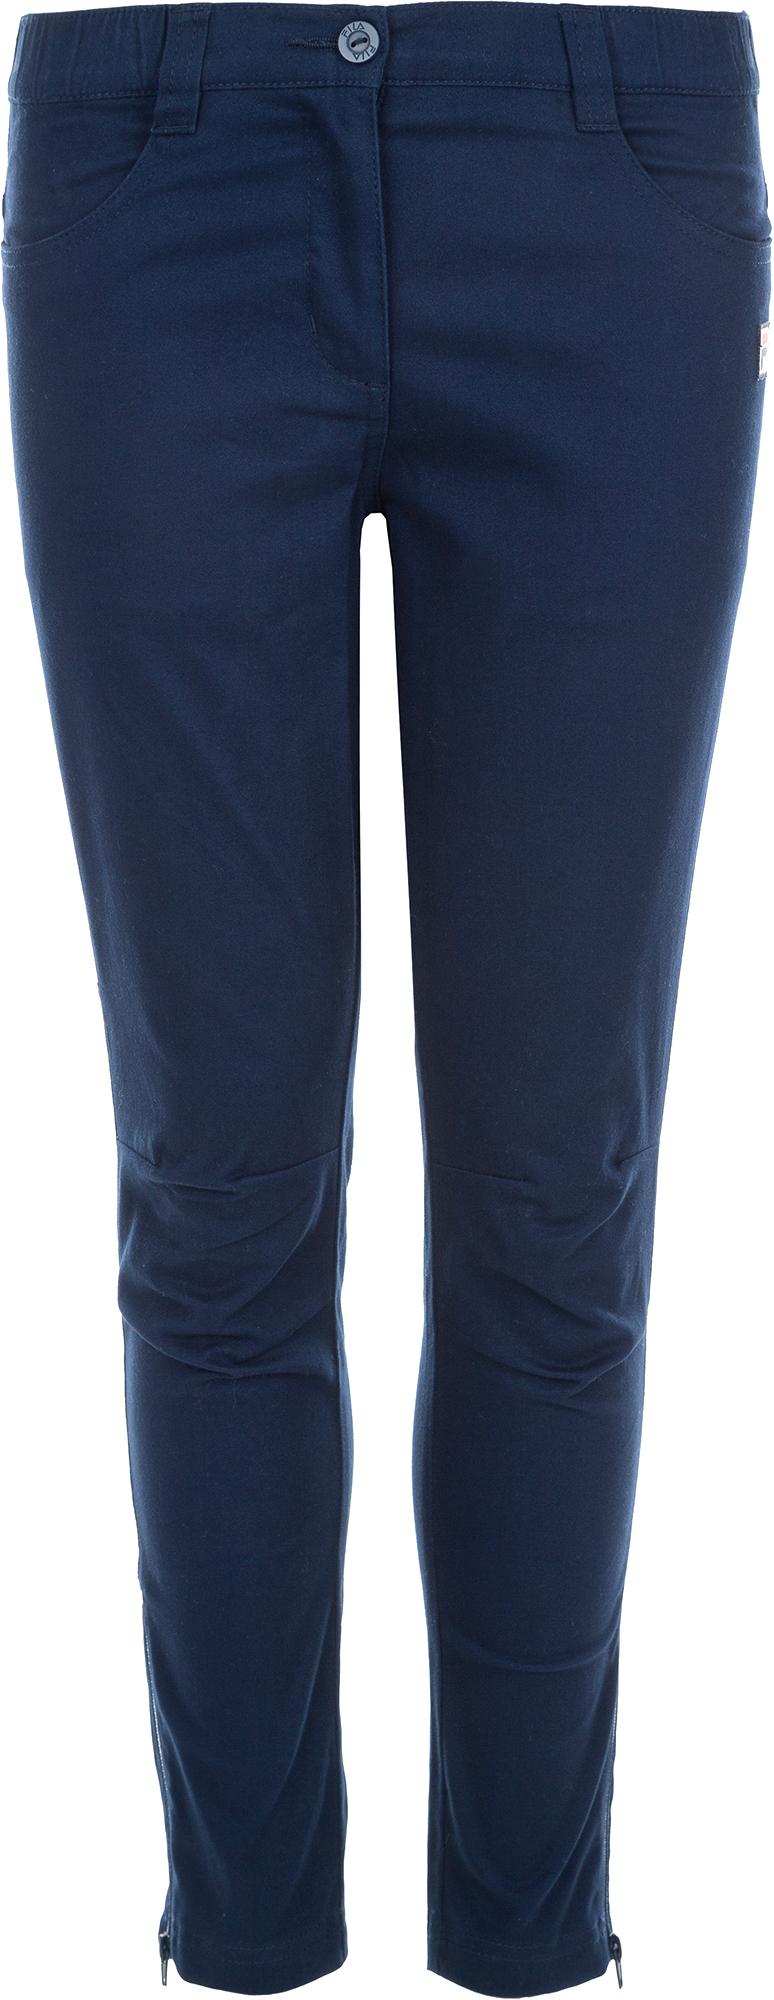 Fila Брюки для девочек Fila, размер 158 брюки 72 158 см